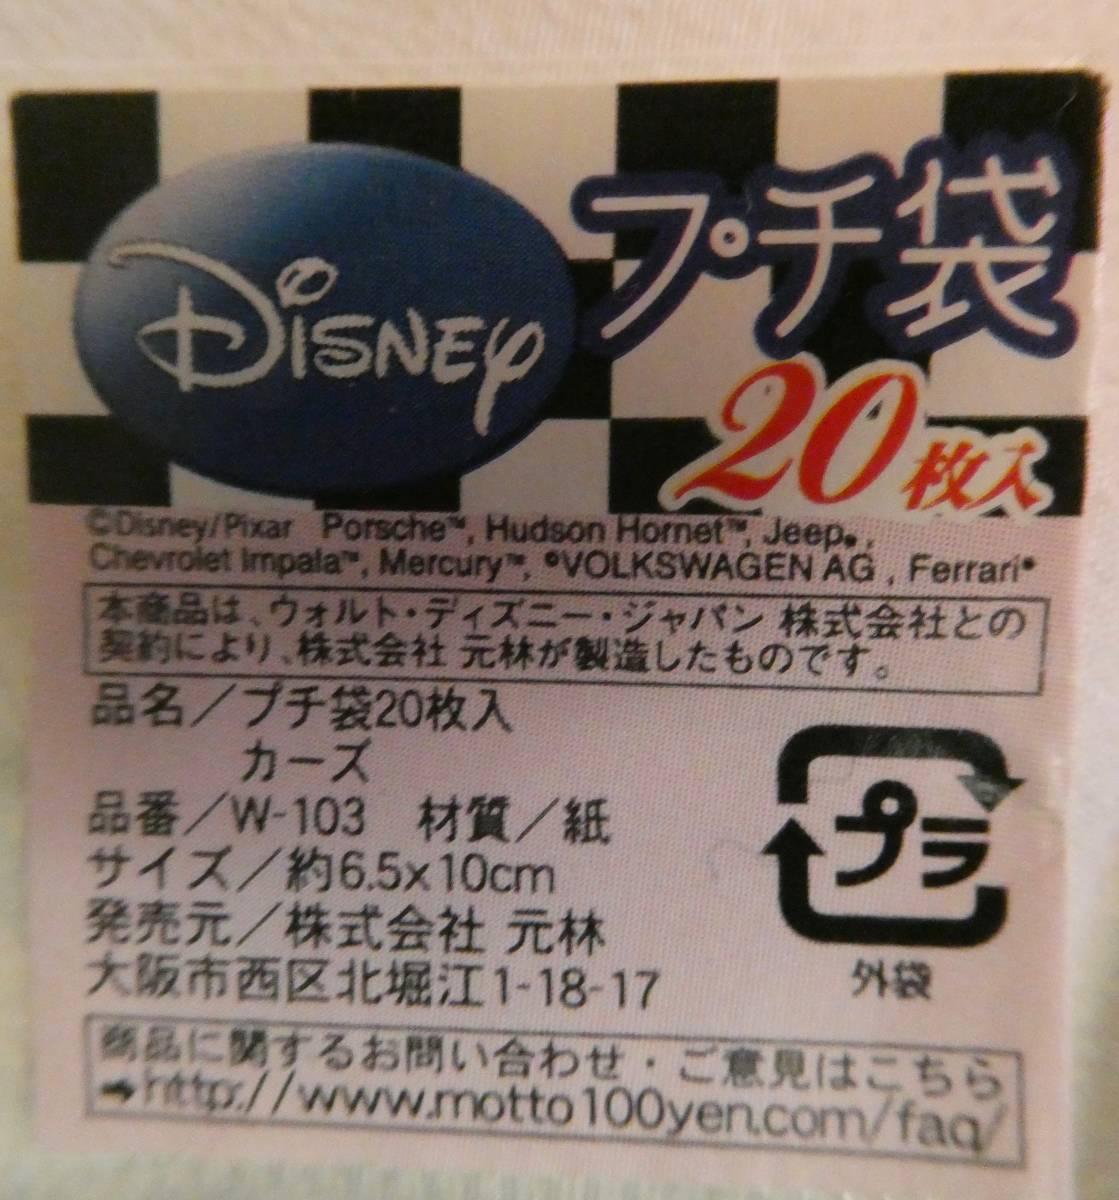 カーズ プチ袋 20枚入 ピクサー ディズニー 未使用 マックィーン ポチ袋 封筒 お年玉袋 シール付き_画像3